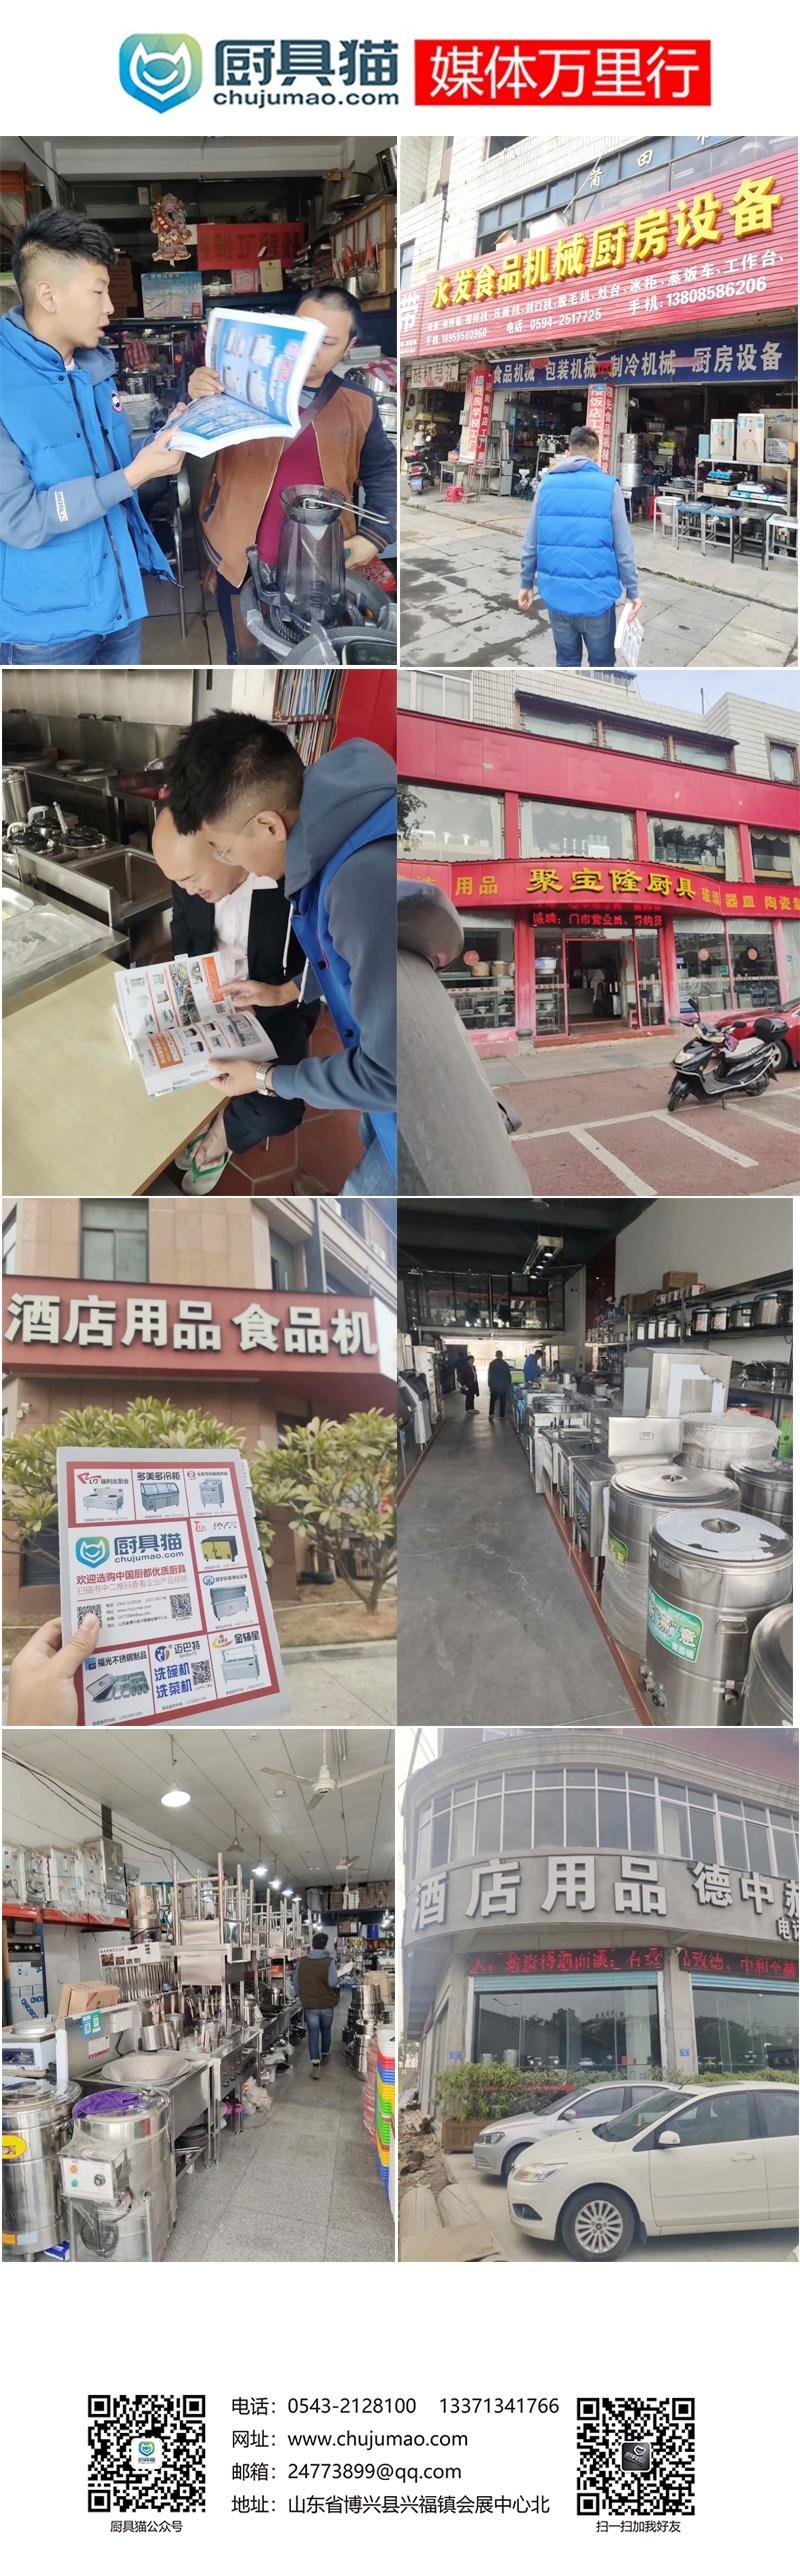 福建莆田厨具市场推广 免费领取期刊 下载厨具猫App 参与抽奖